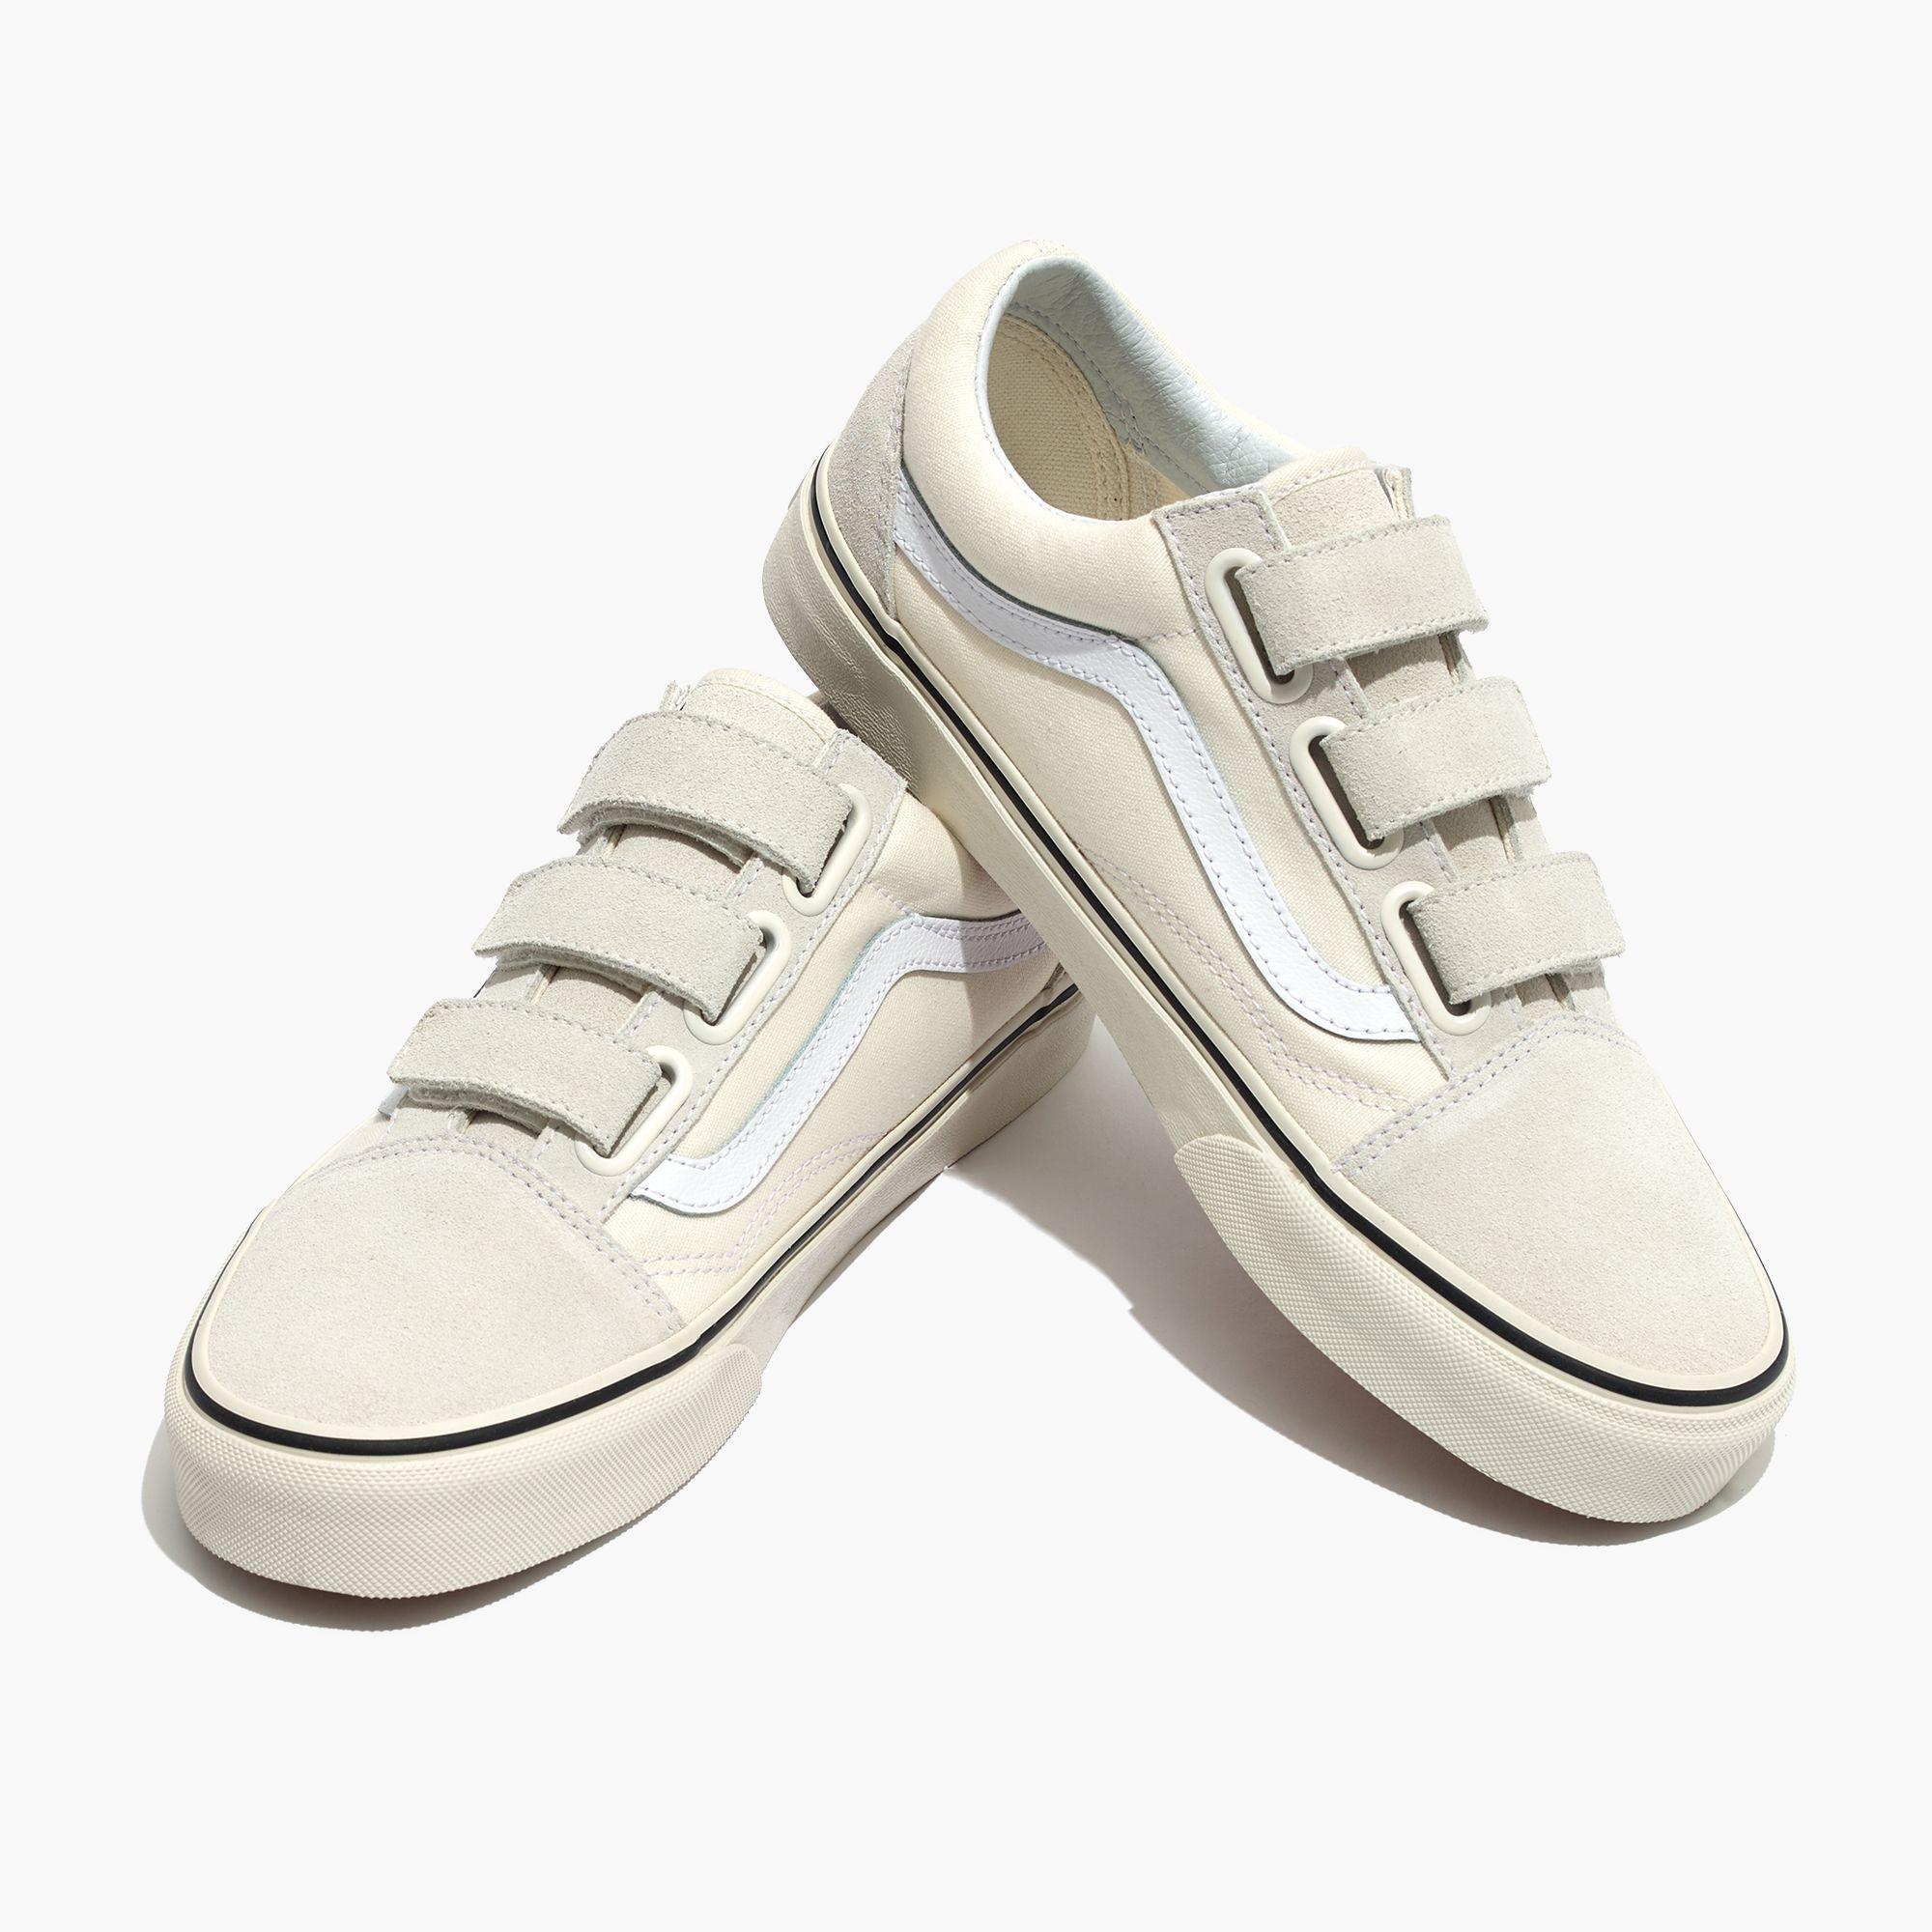 Madewell Vans Unisex Old Skool Velcro Sneakers In -9543